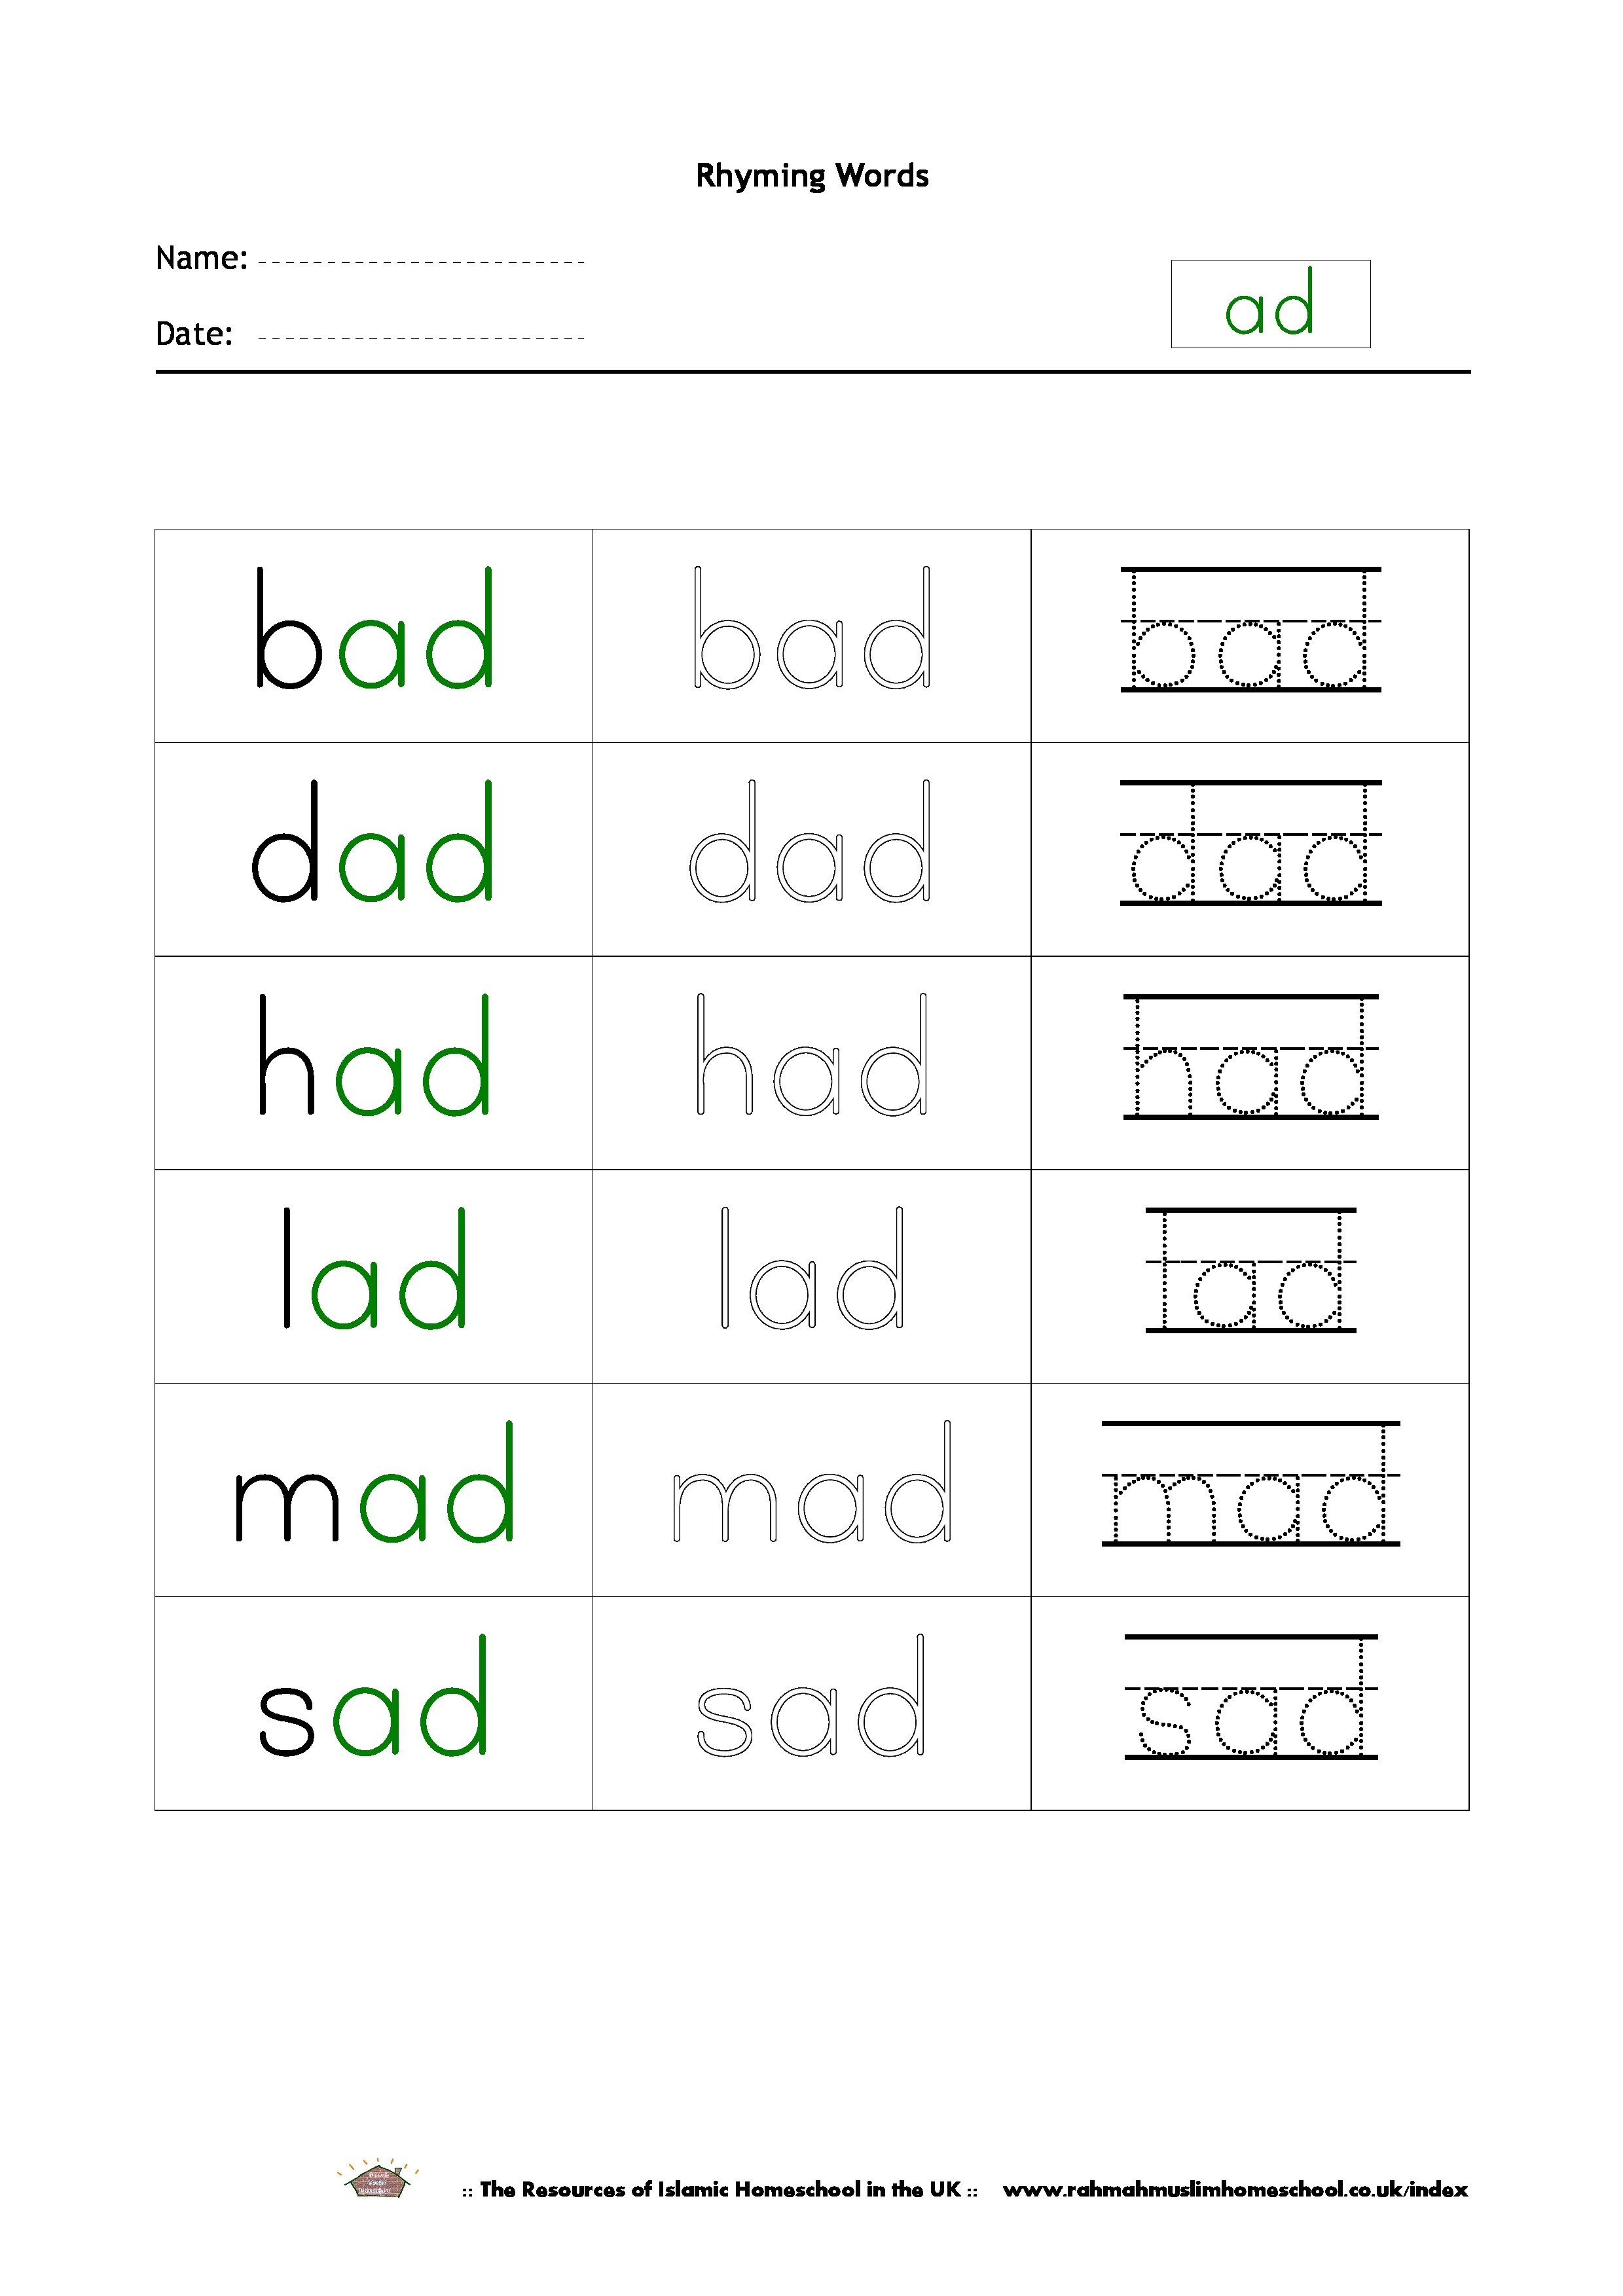 Rhyming Words 1 Worksheet